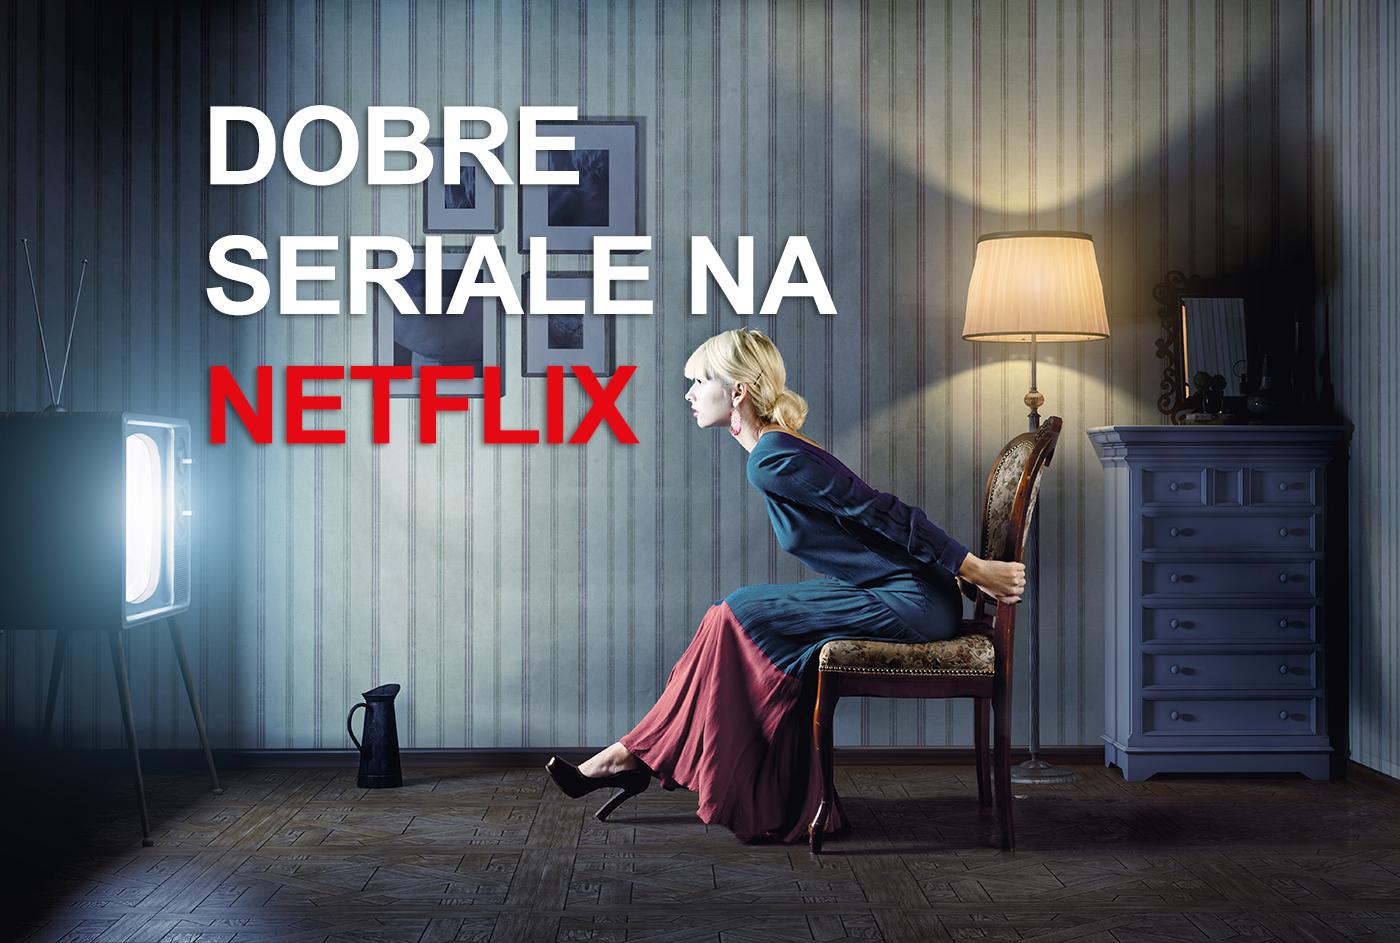 Dobre seriale na Netflix